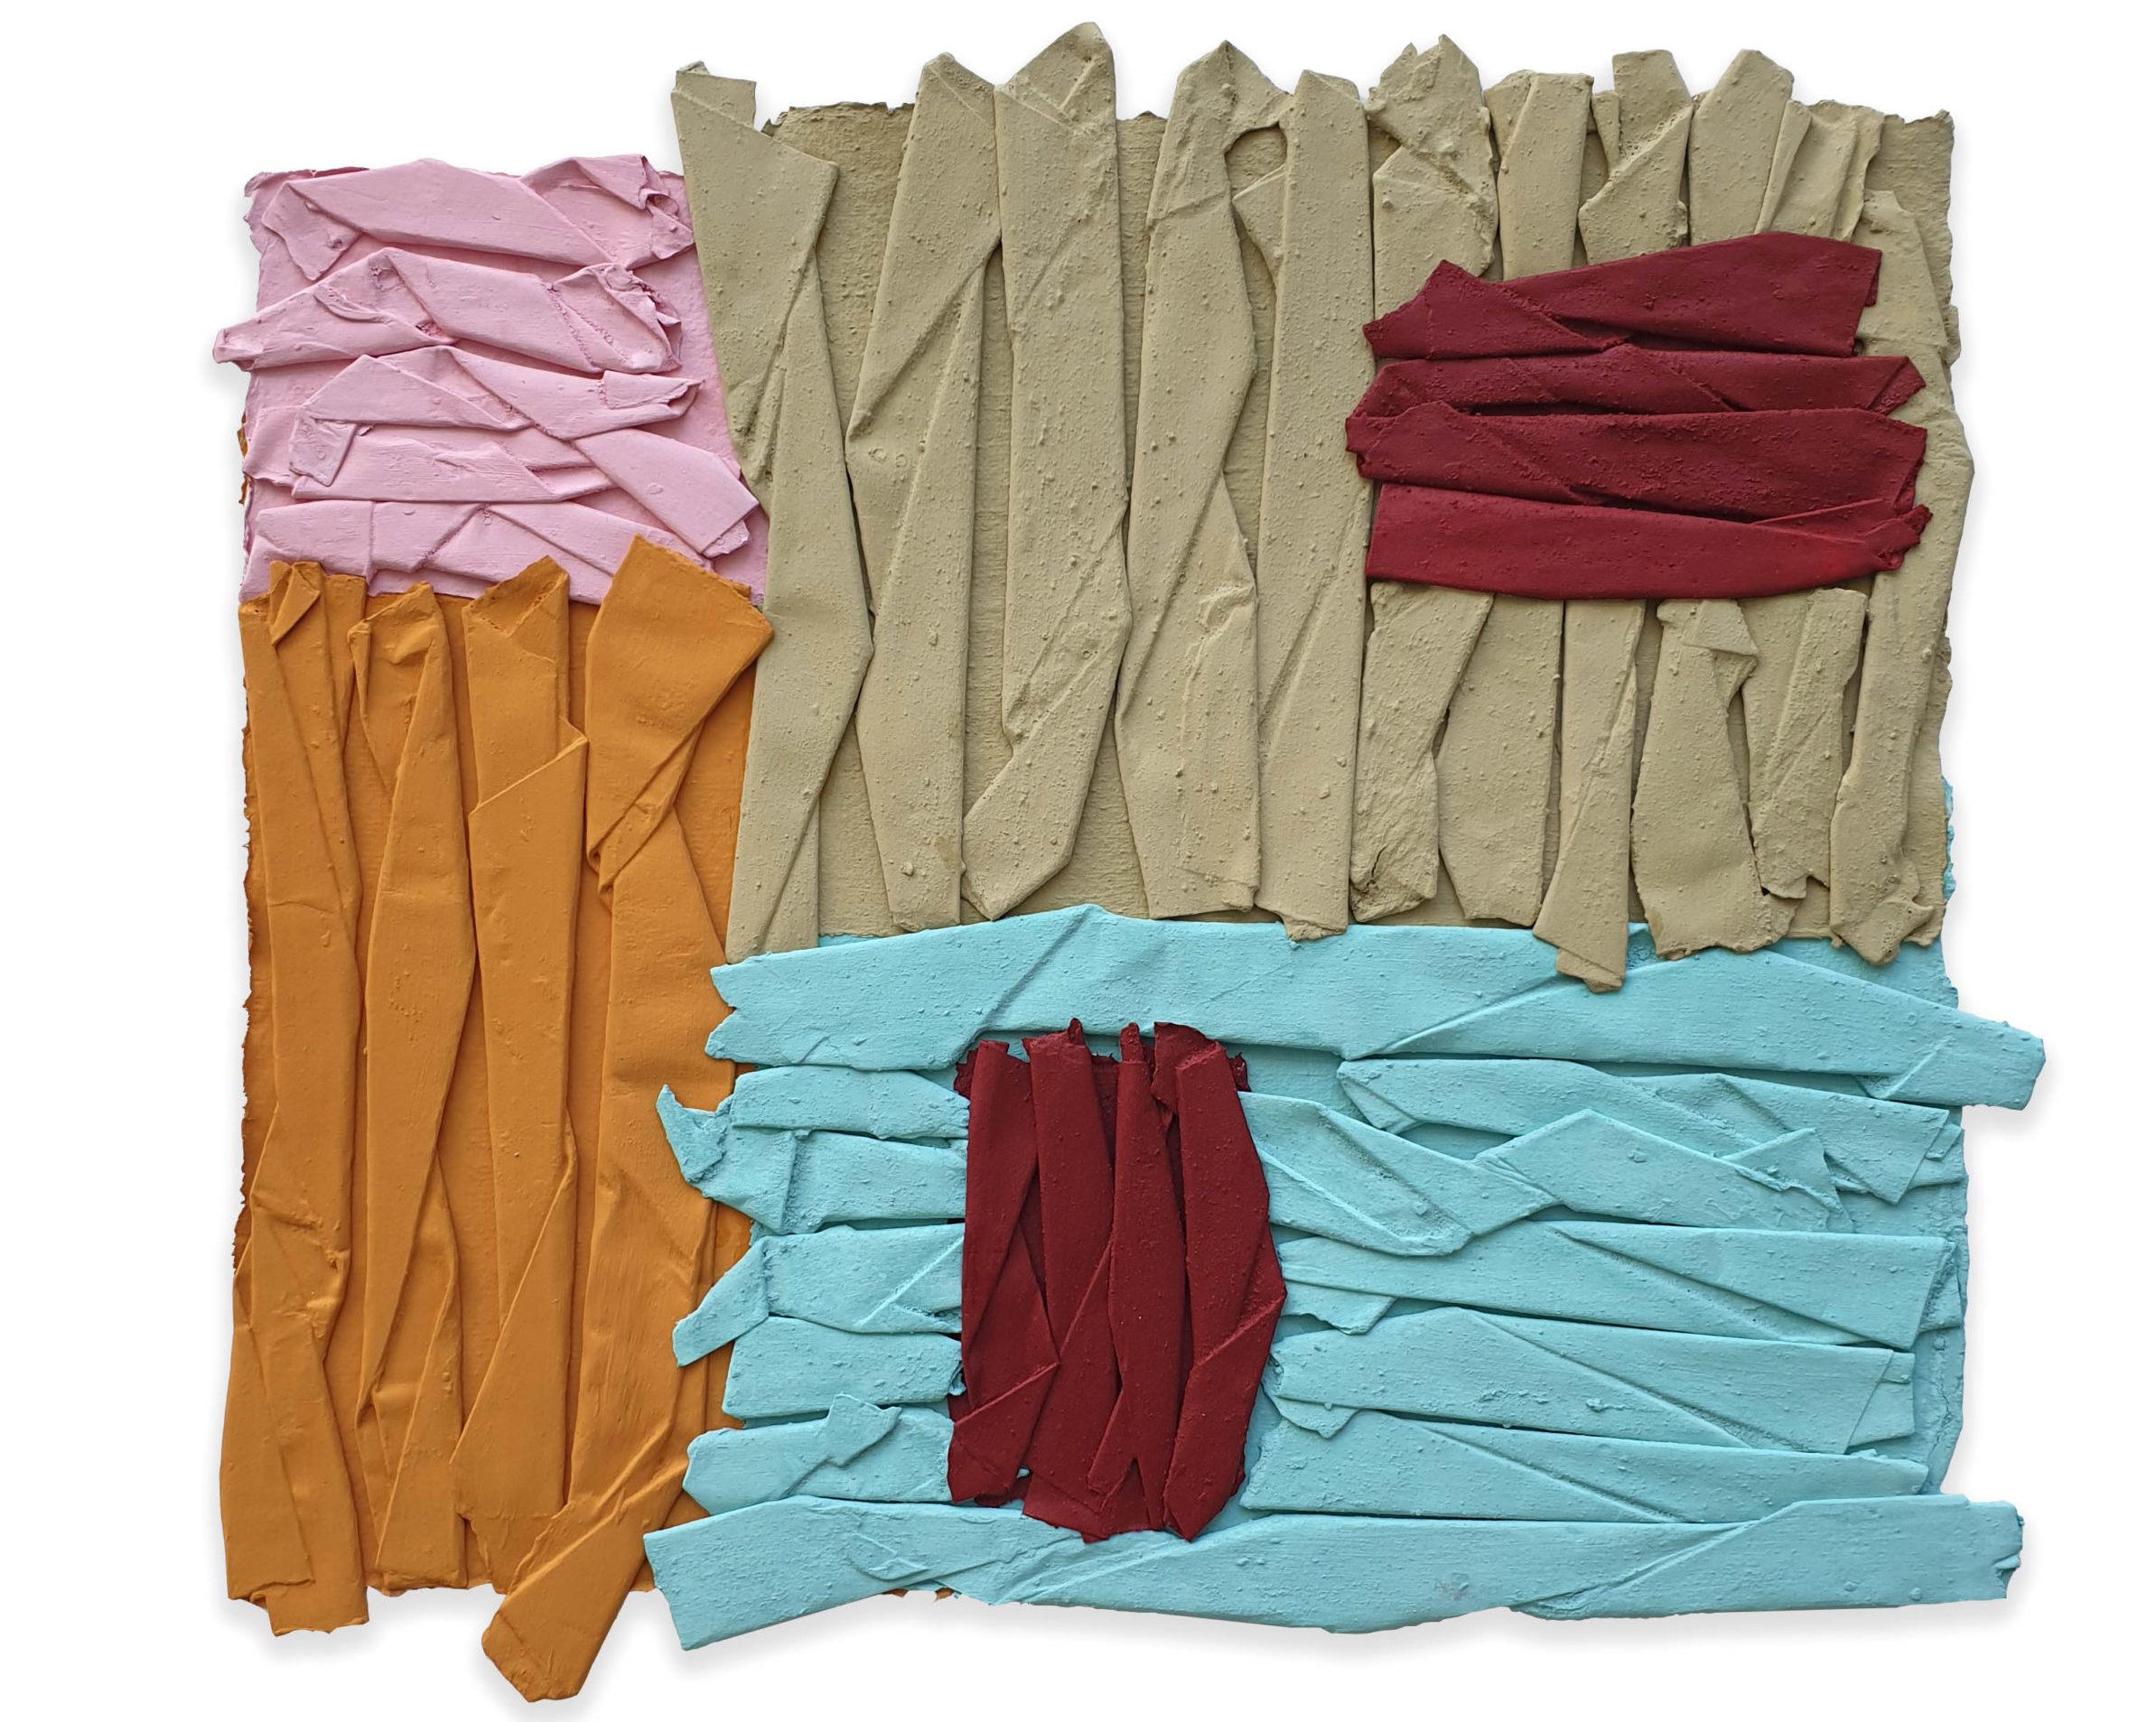 Wall of Paper Stromboli, pigmento acrilico su carta, 32 x 33 cm, 2020 – Courtesy Bislacchi Studio